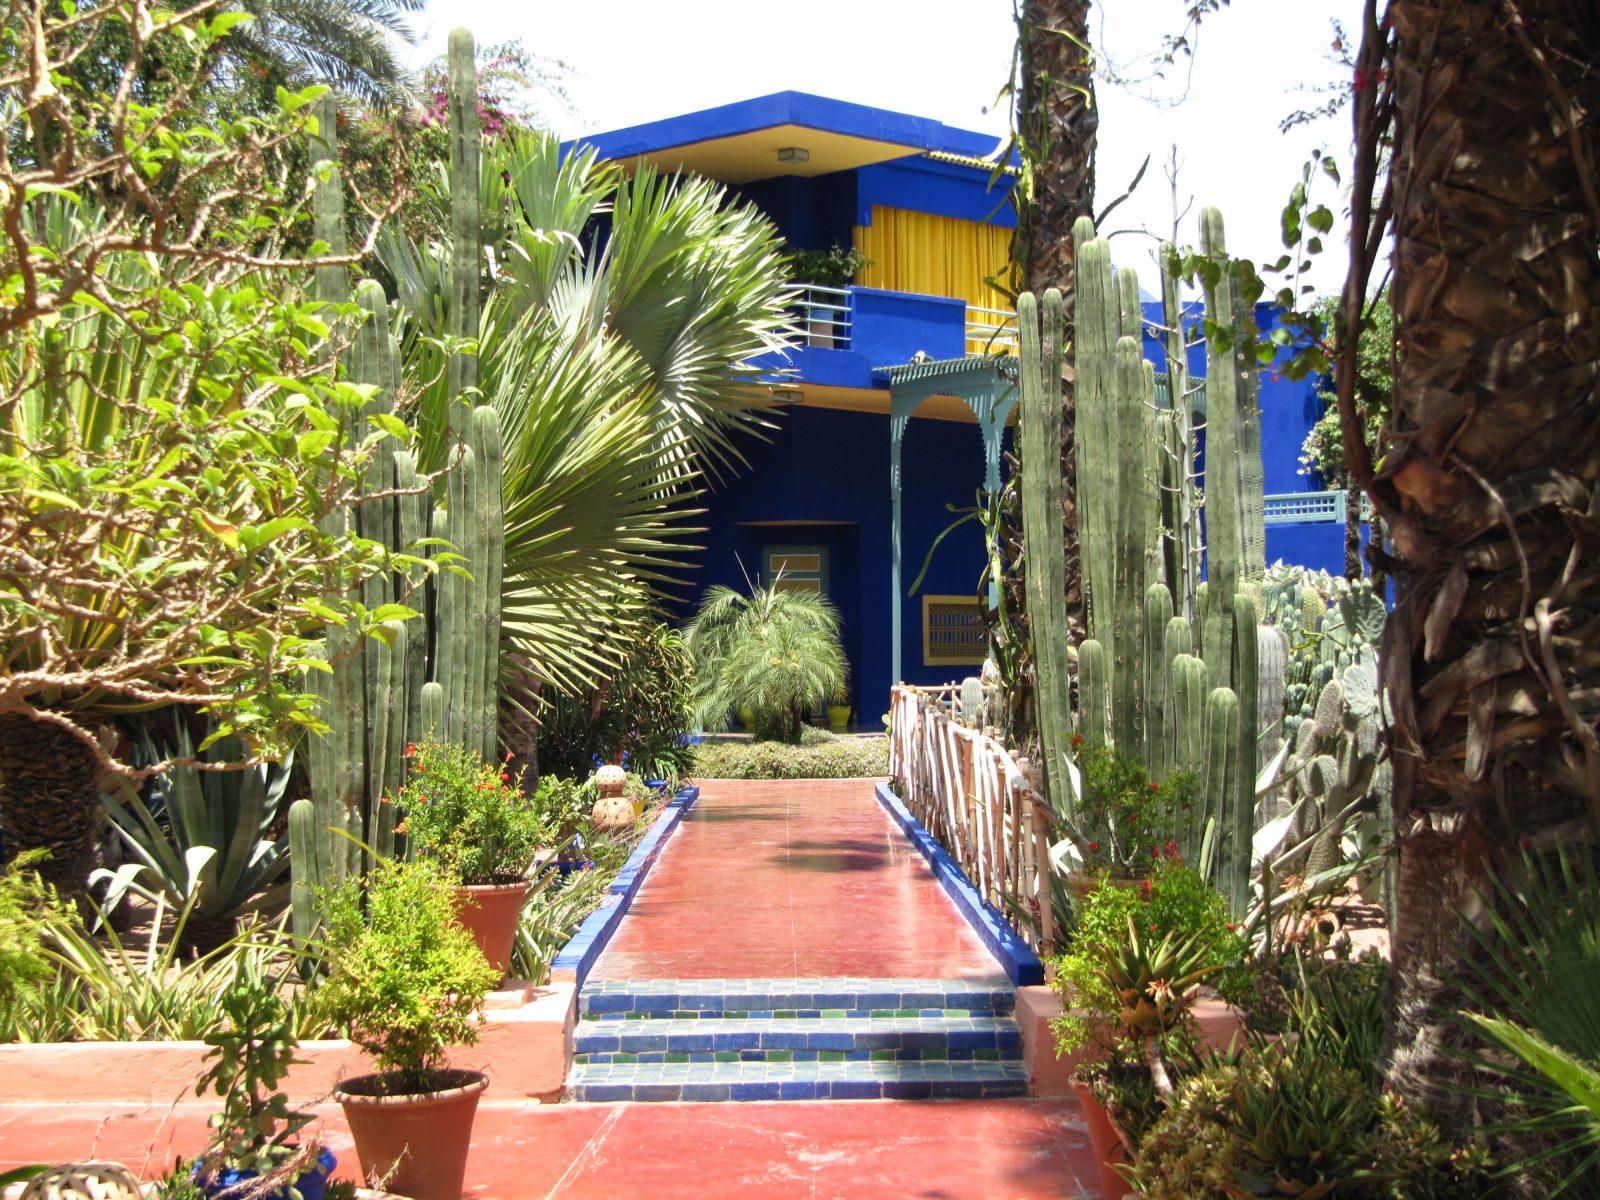 Dag 3 - Groepsreis Marrakech & meer - NL reisleider